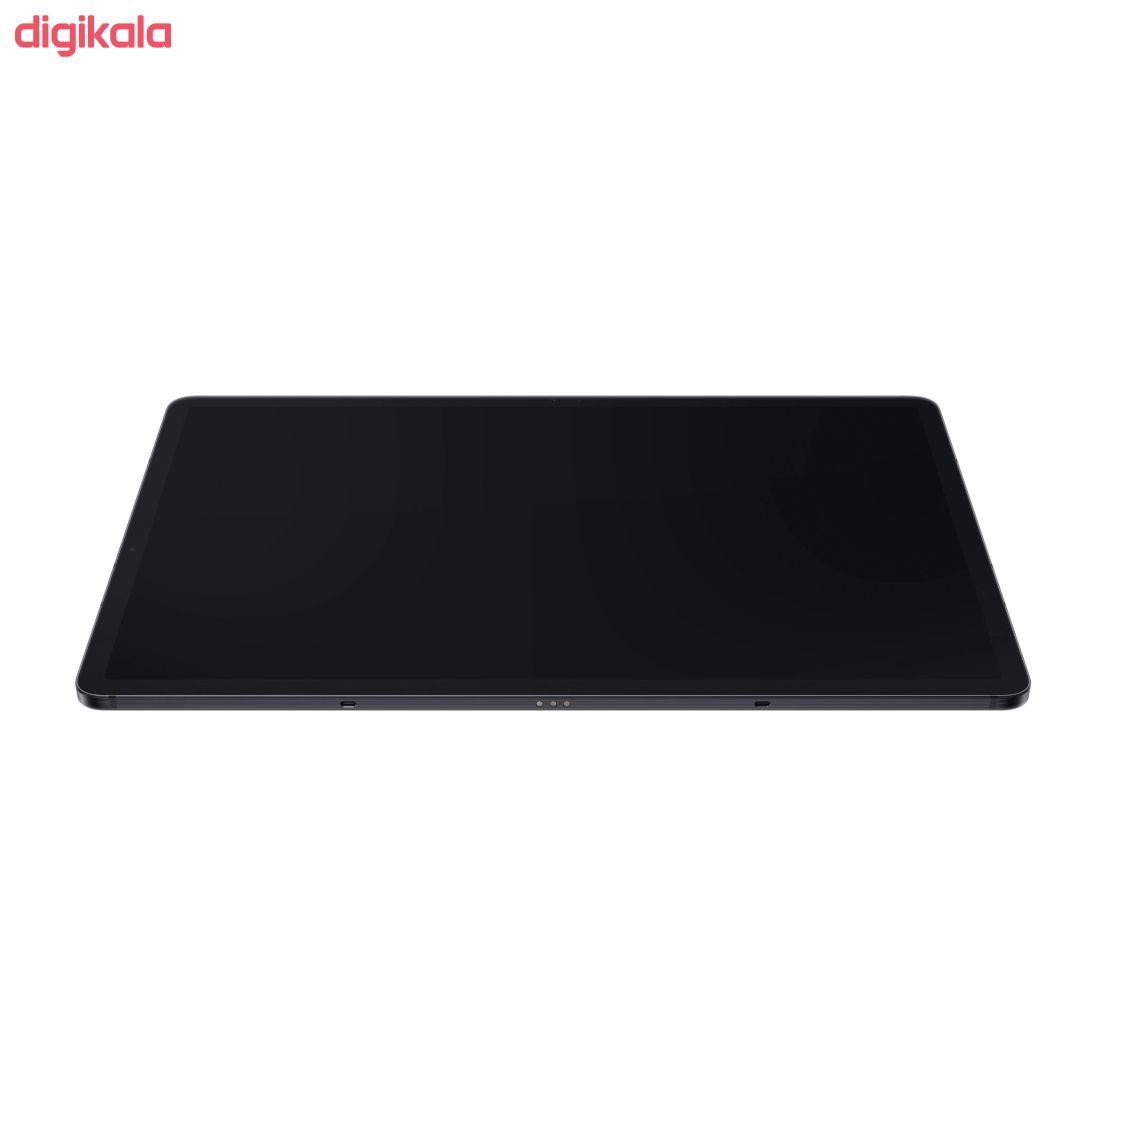 تبلت سامسونگ مدل Galaxy Tab S7 SM-T875 ظرفیت 128 گیگابایت main 1 2